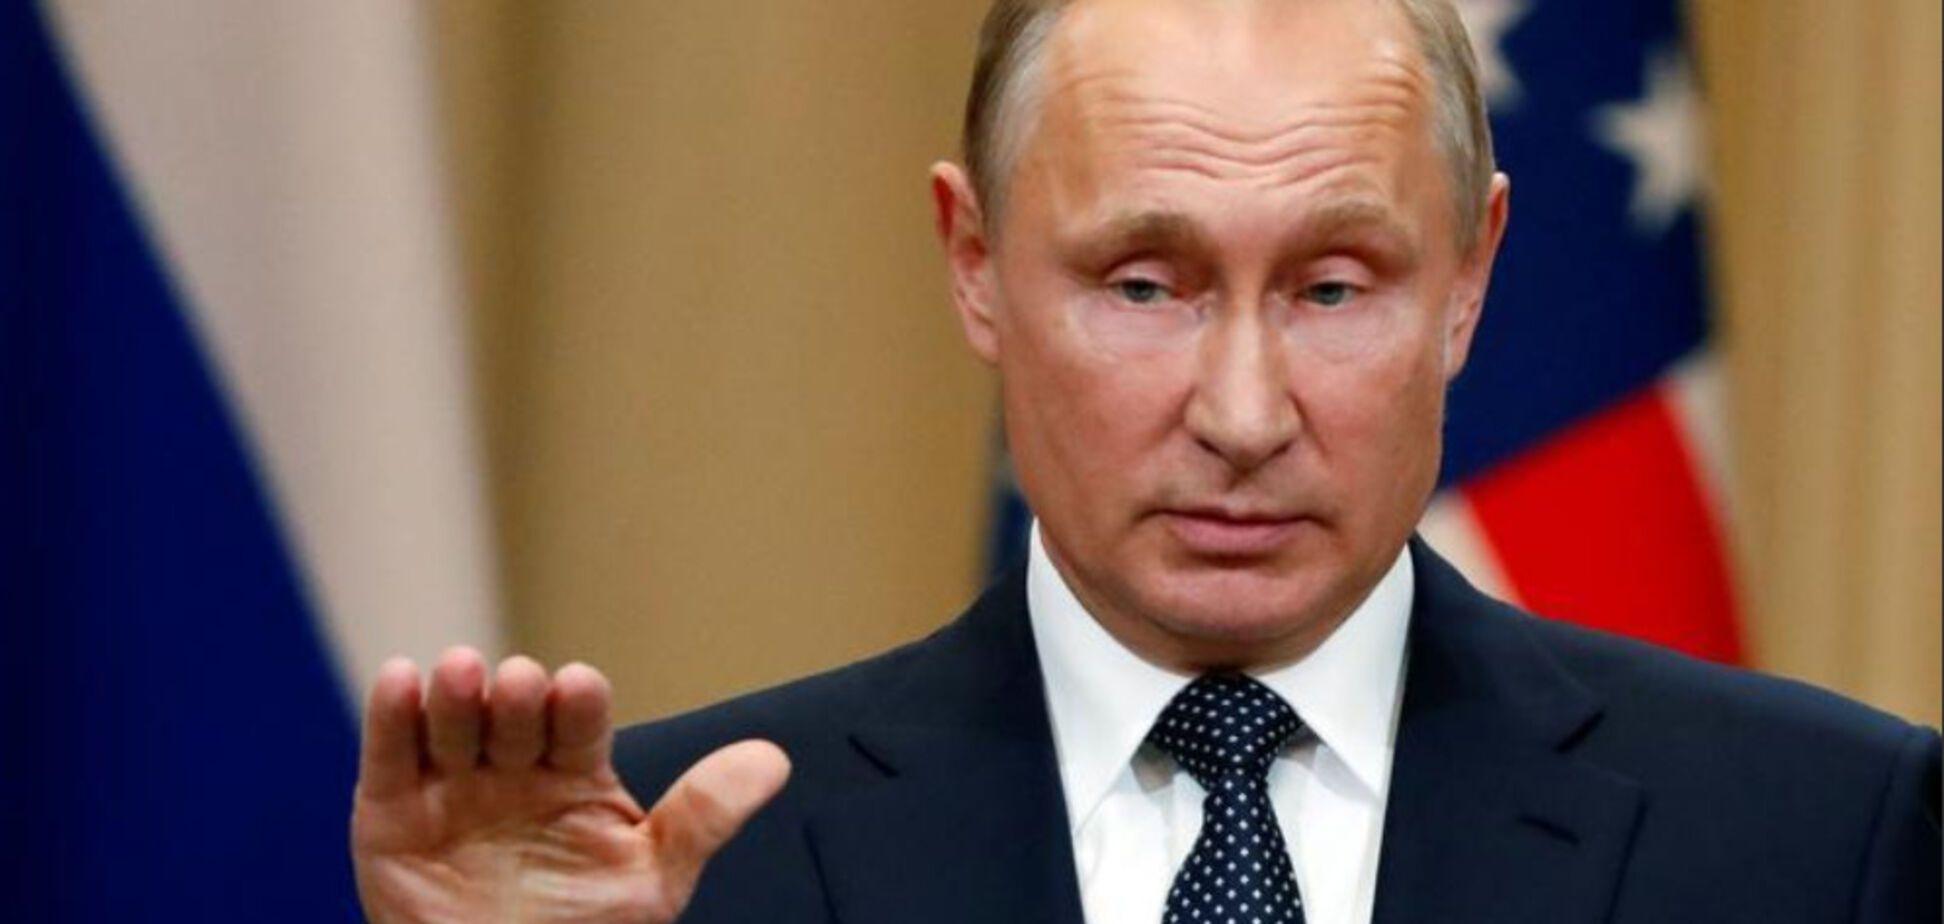 Путін готується захопити нову область України? Тимчук розкрив плани спецслужб РФ